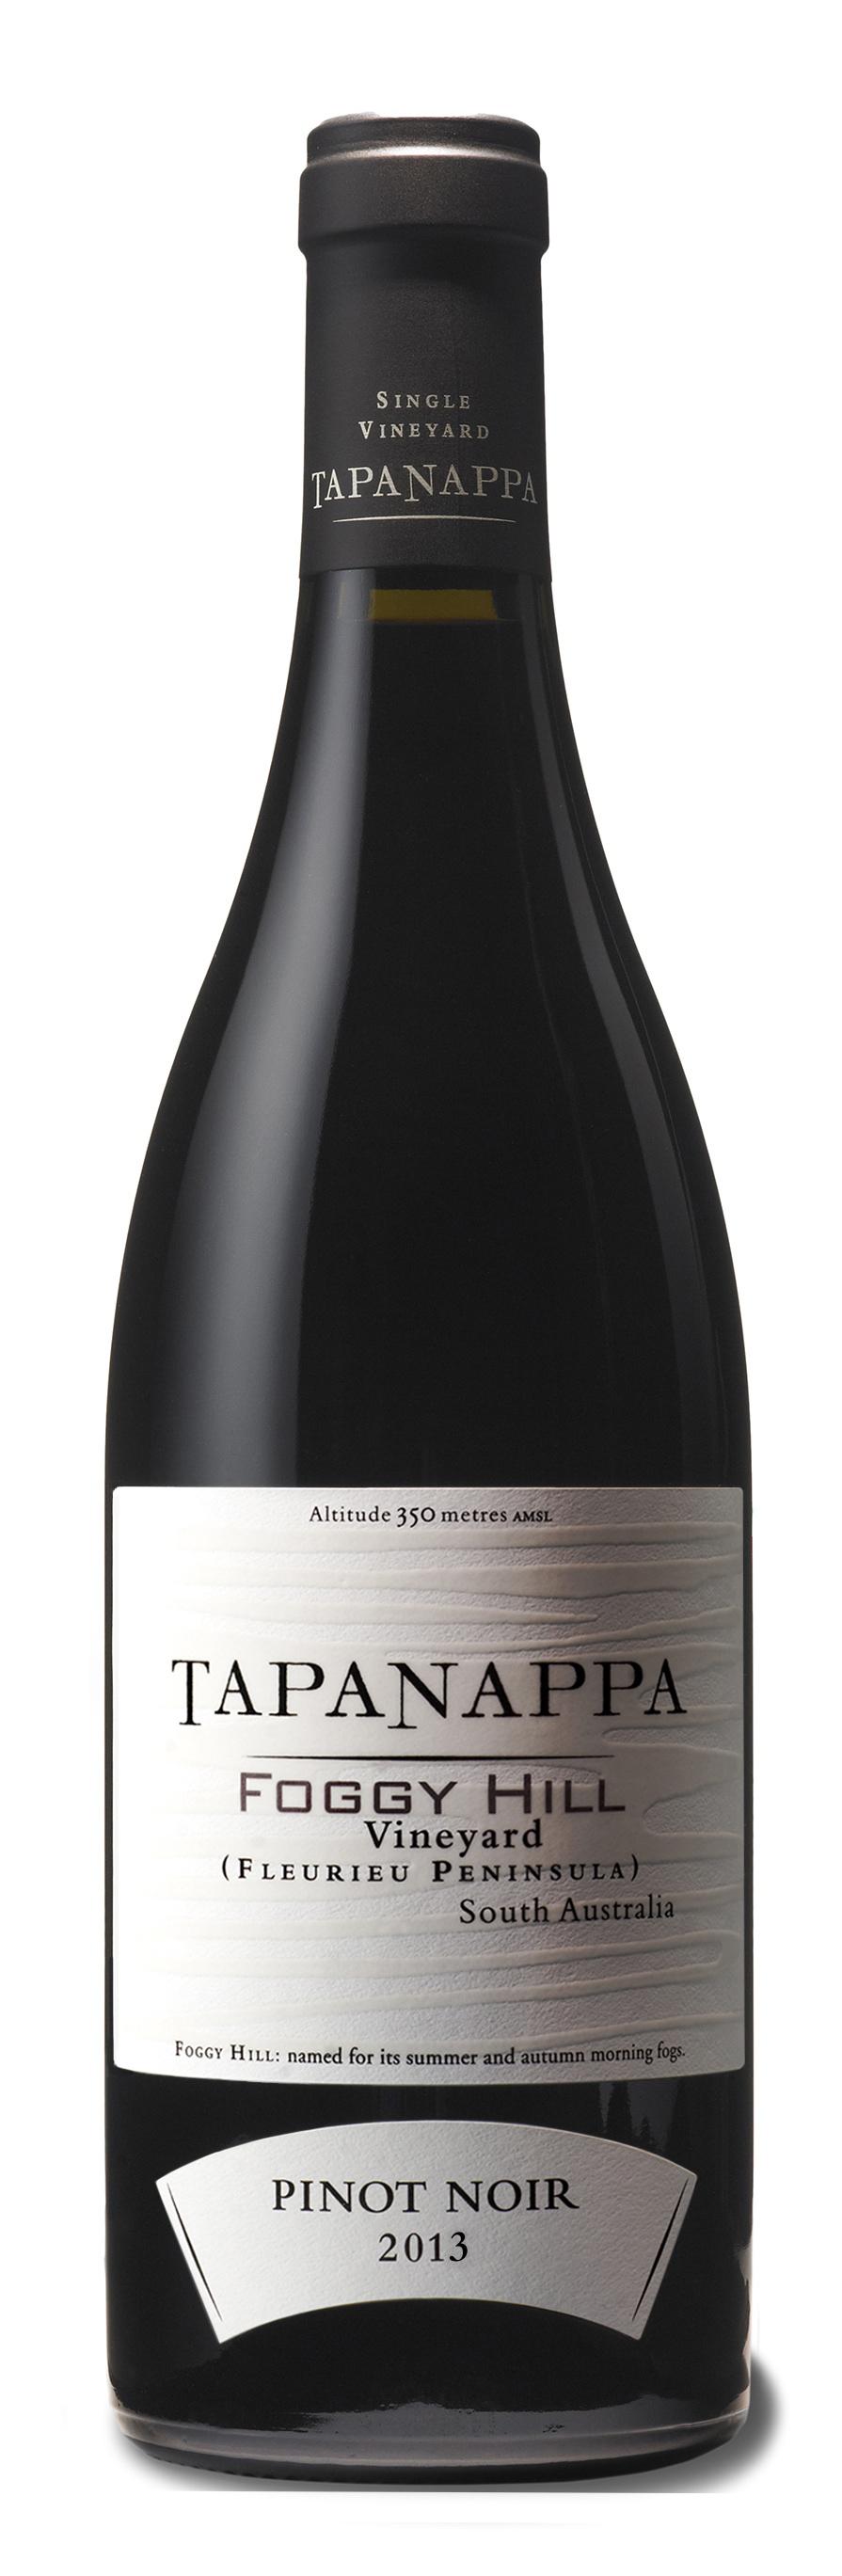 Tapanappa Foggy Hill Vineyard 2013 Pinot Noir